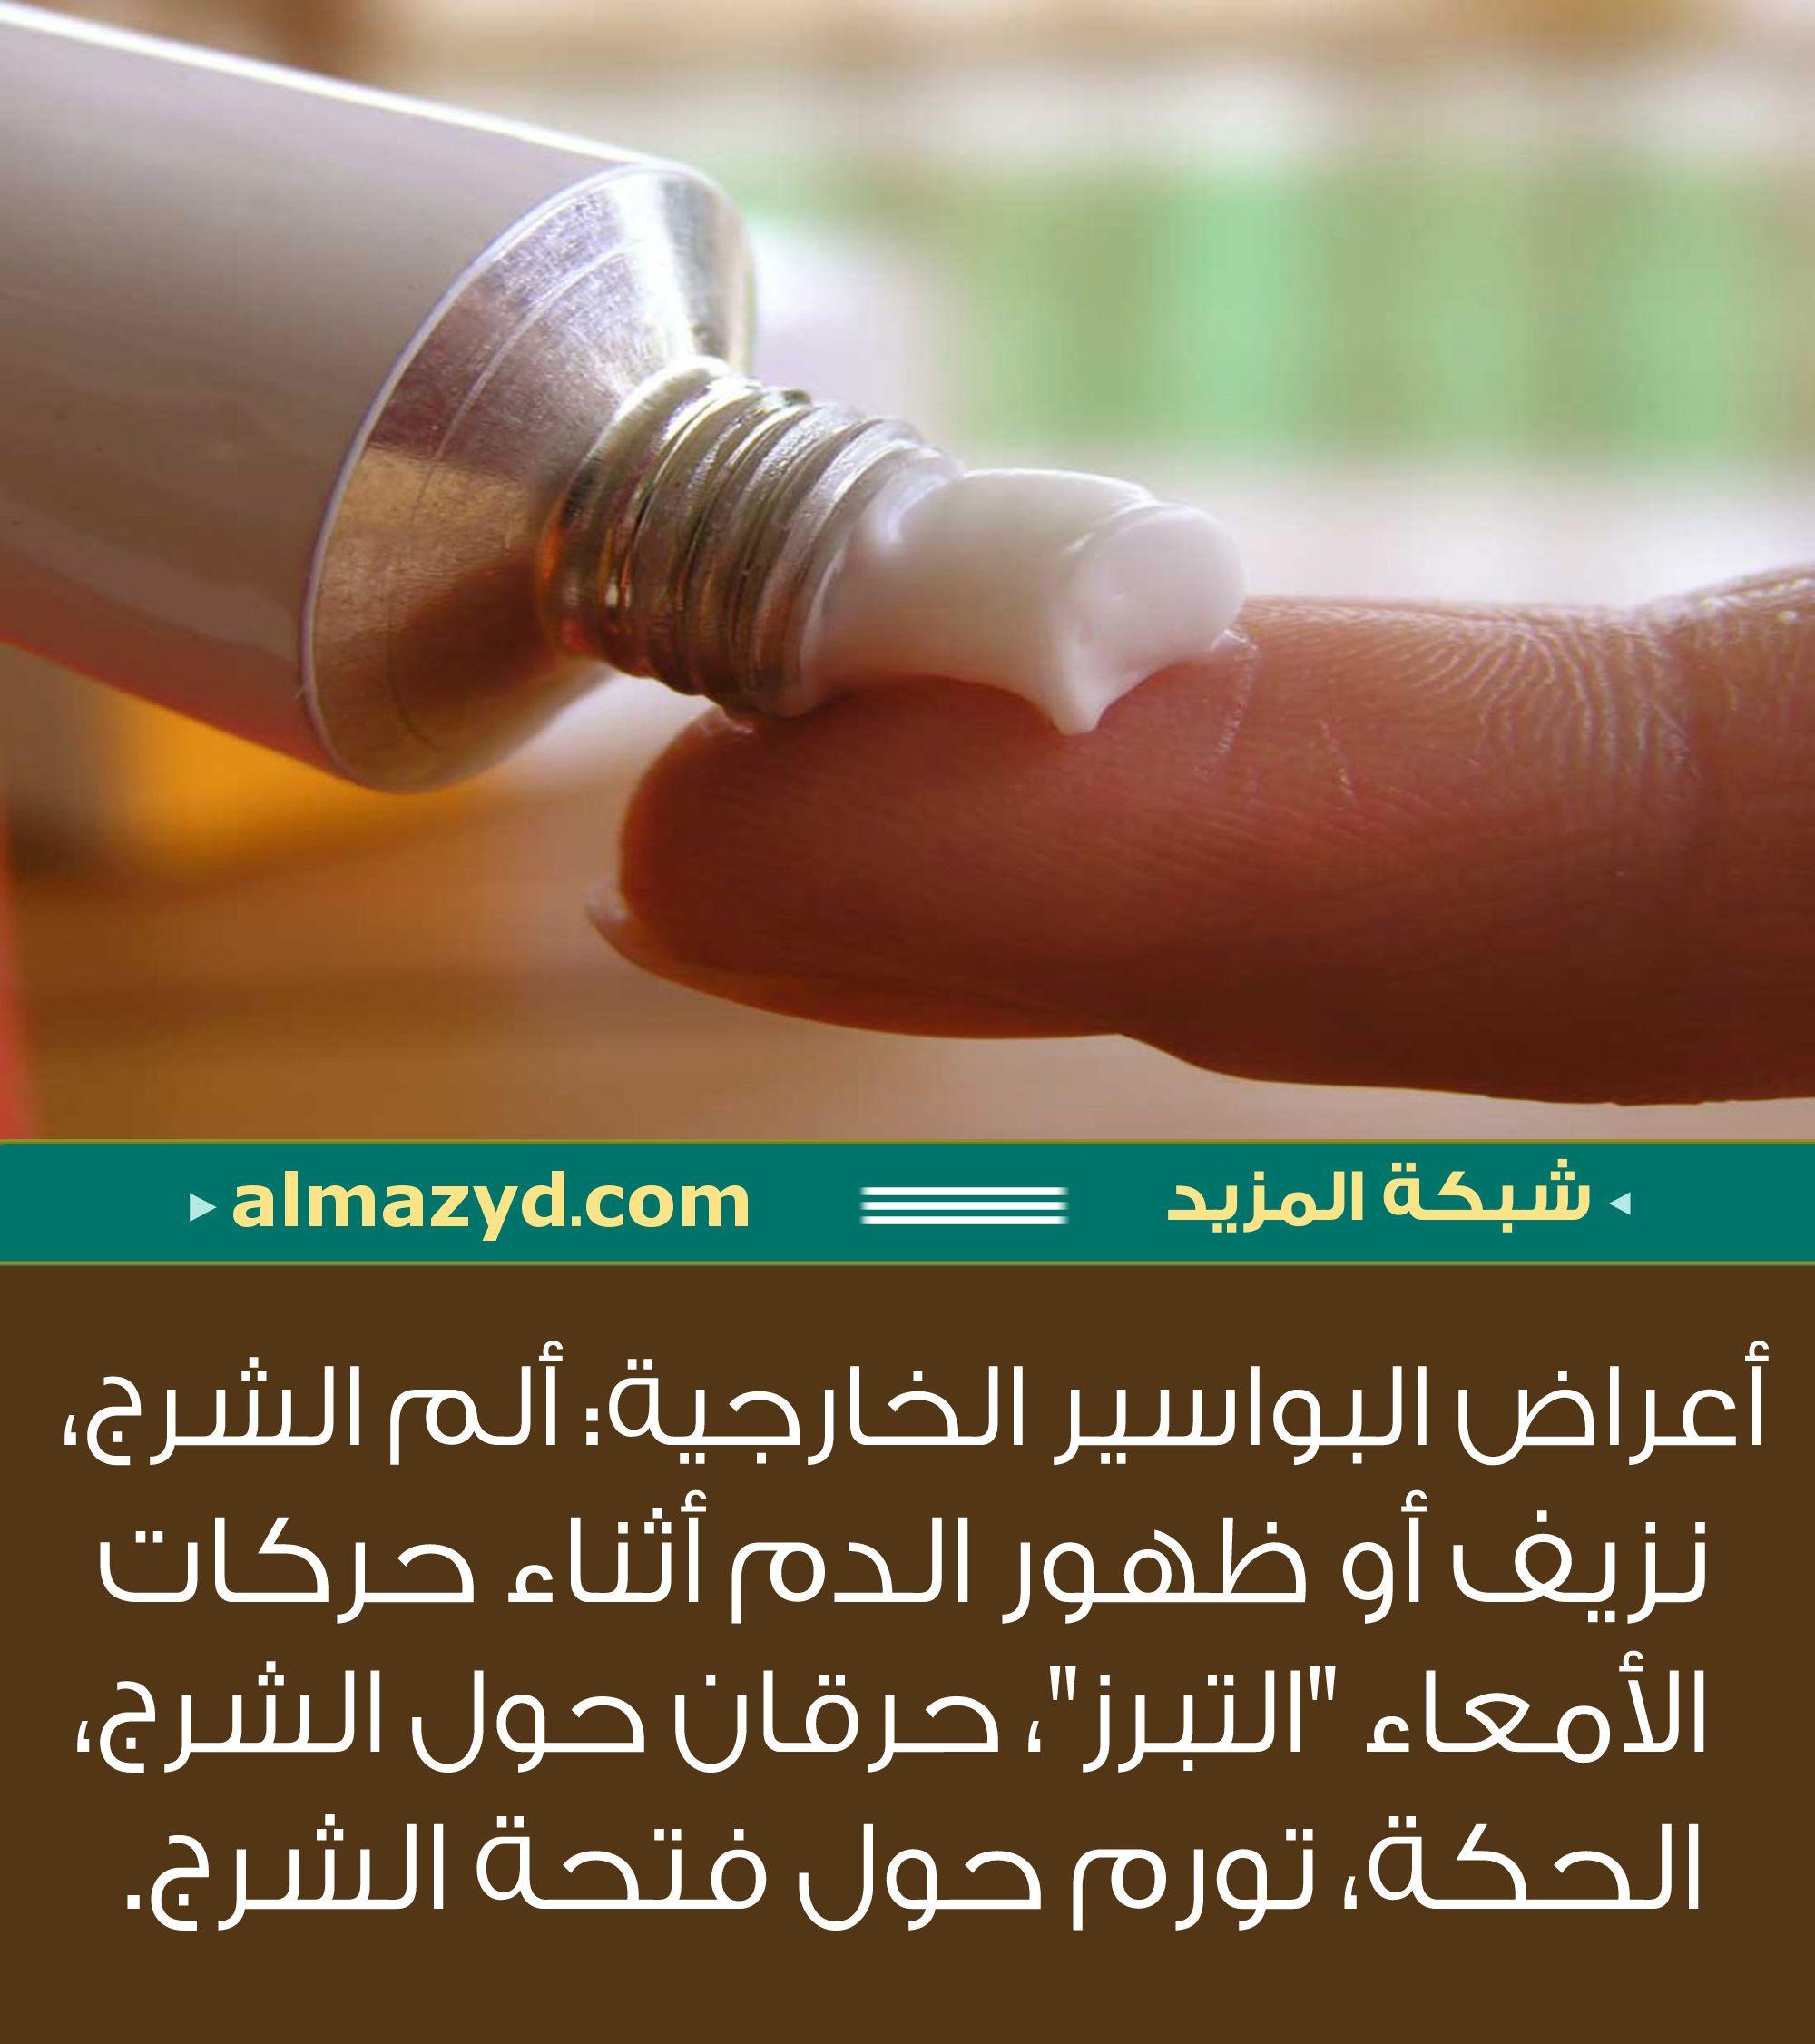 Pin On معلومات صحية طبية